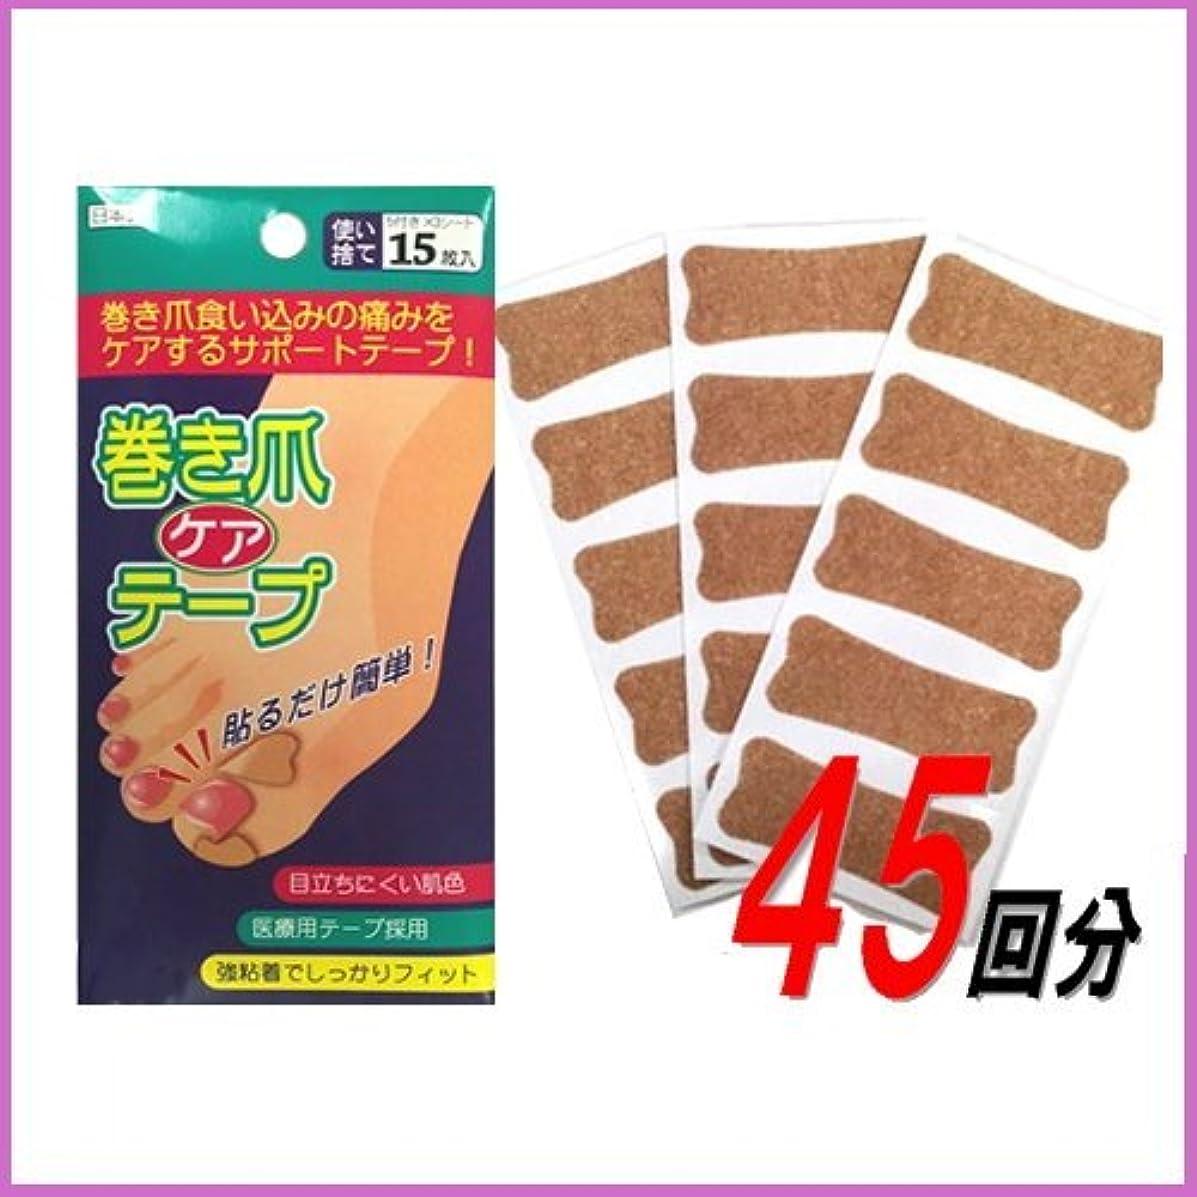 用心深いピアノ落ち着いて巻き爪 テープ 3個セット ブロック ケア テーピング 日本製